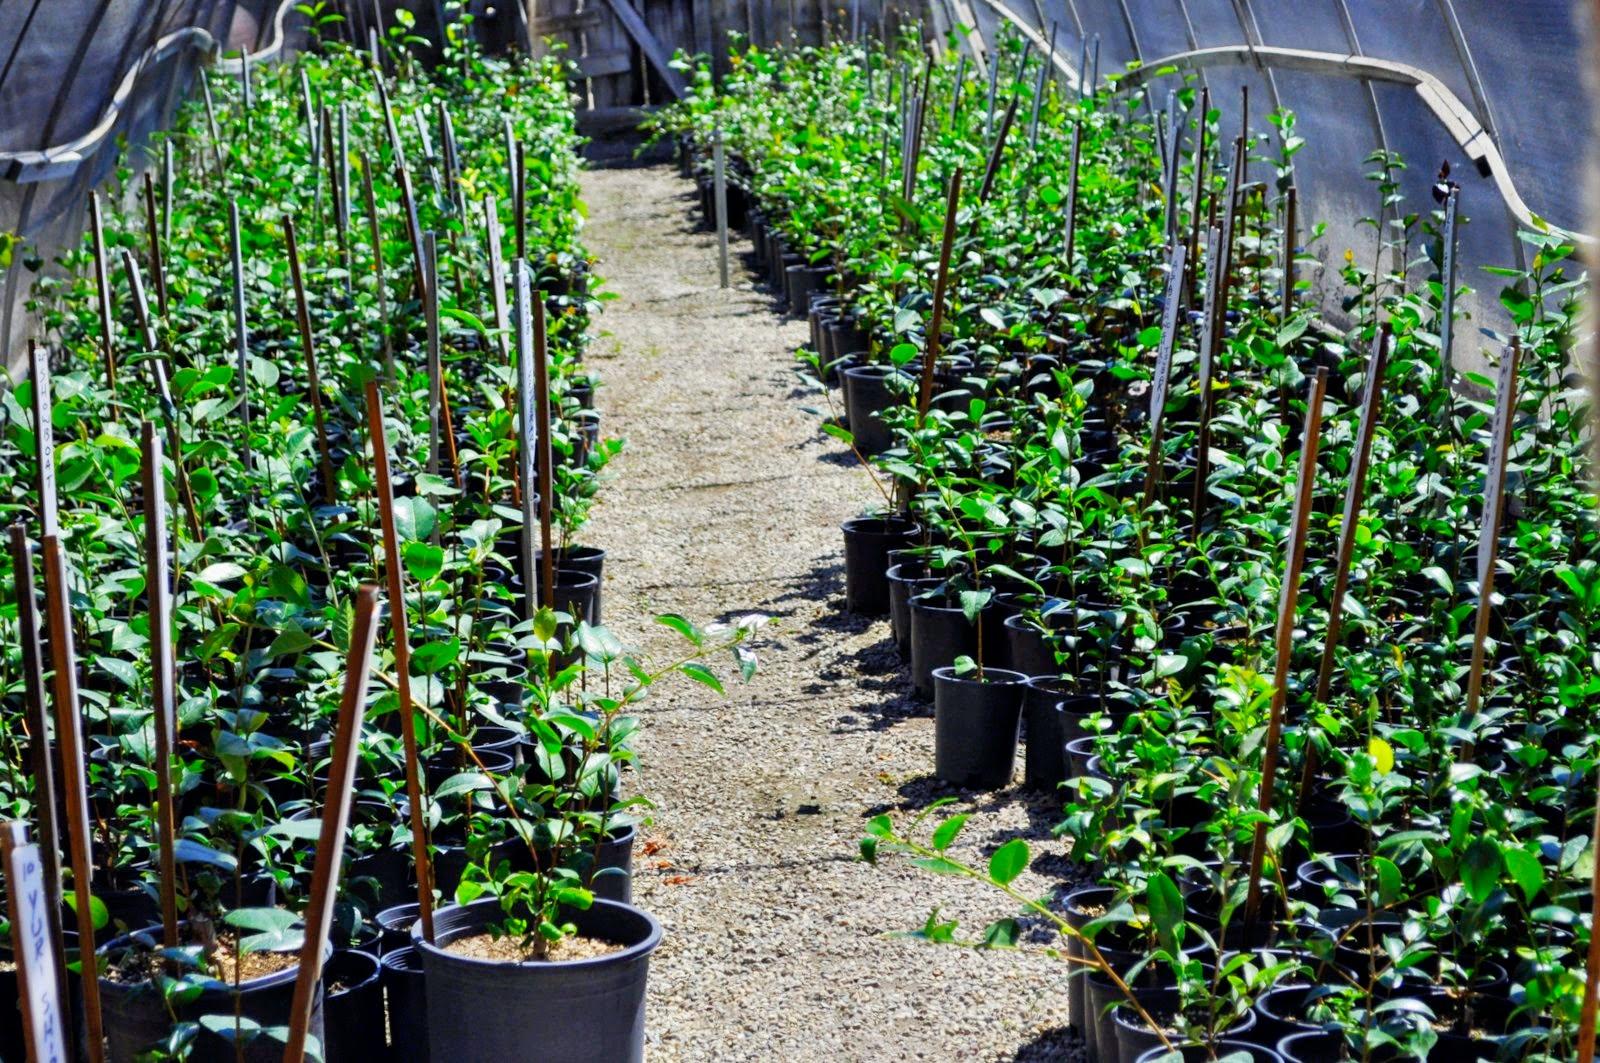 L a county arboretum botanic garden plant info plant for Garden plant information